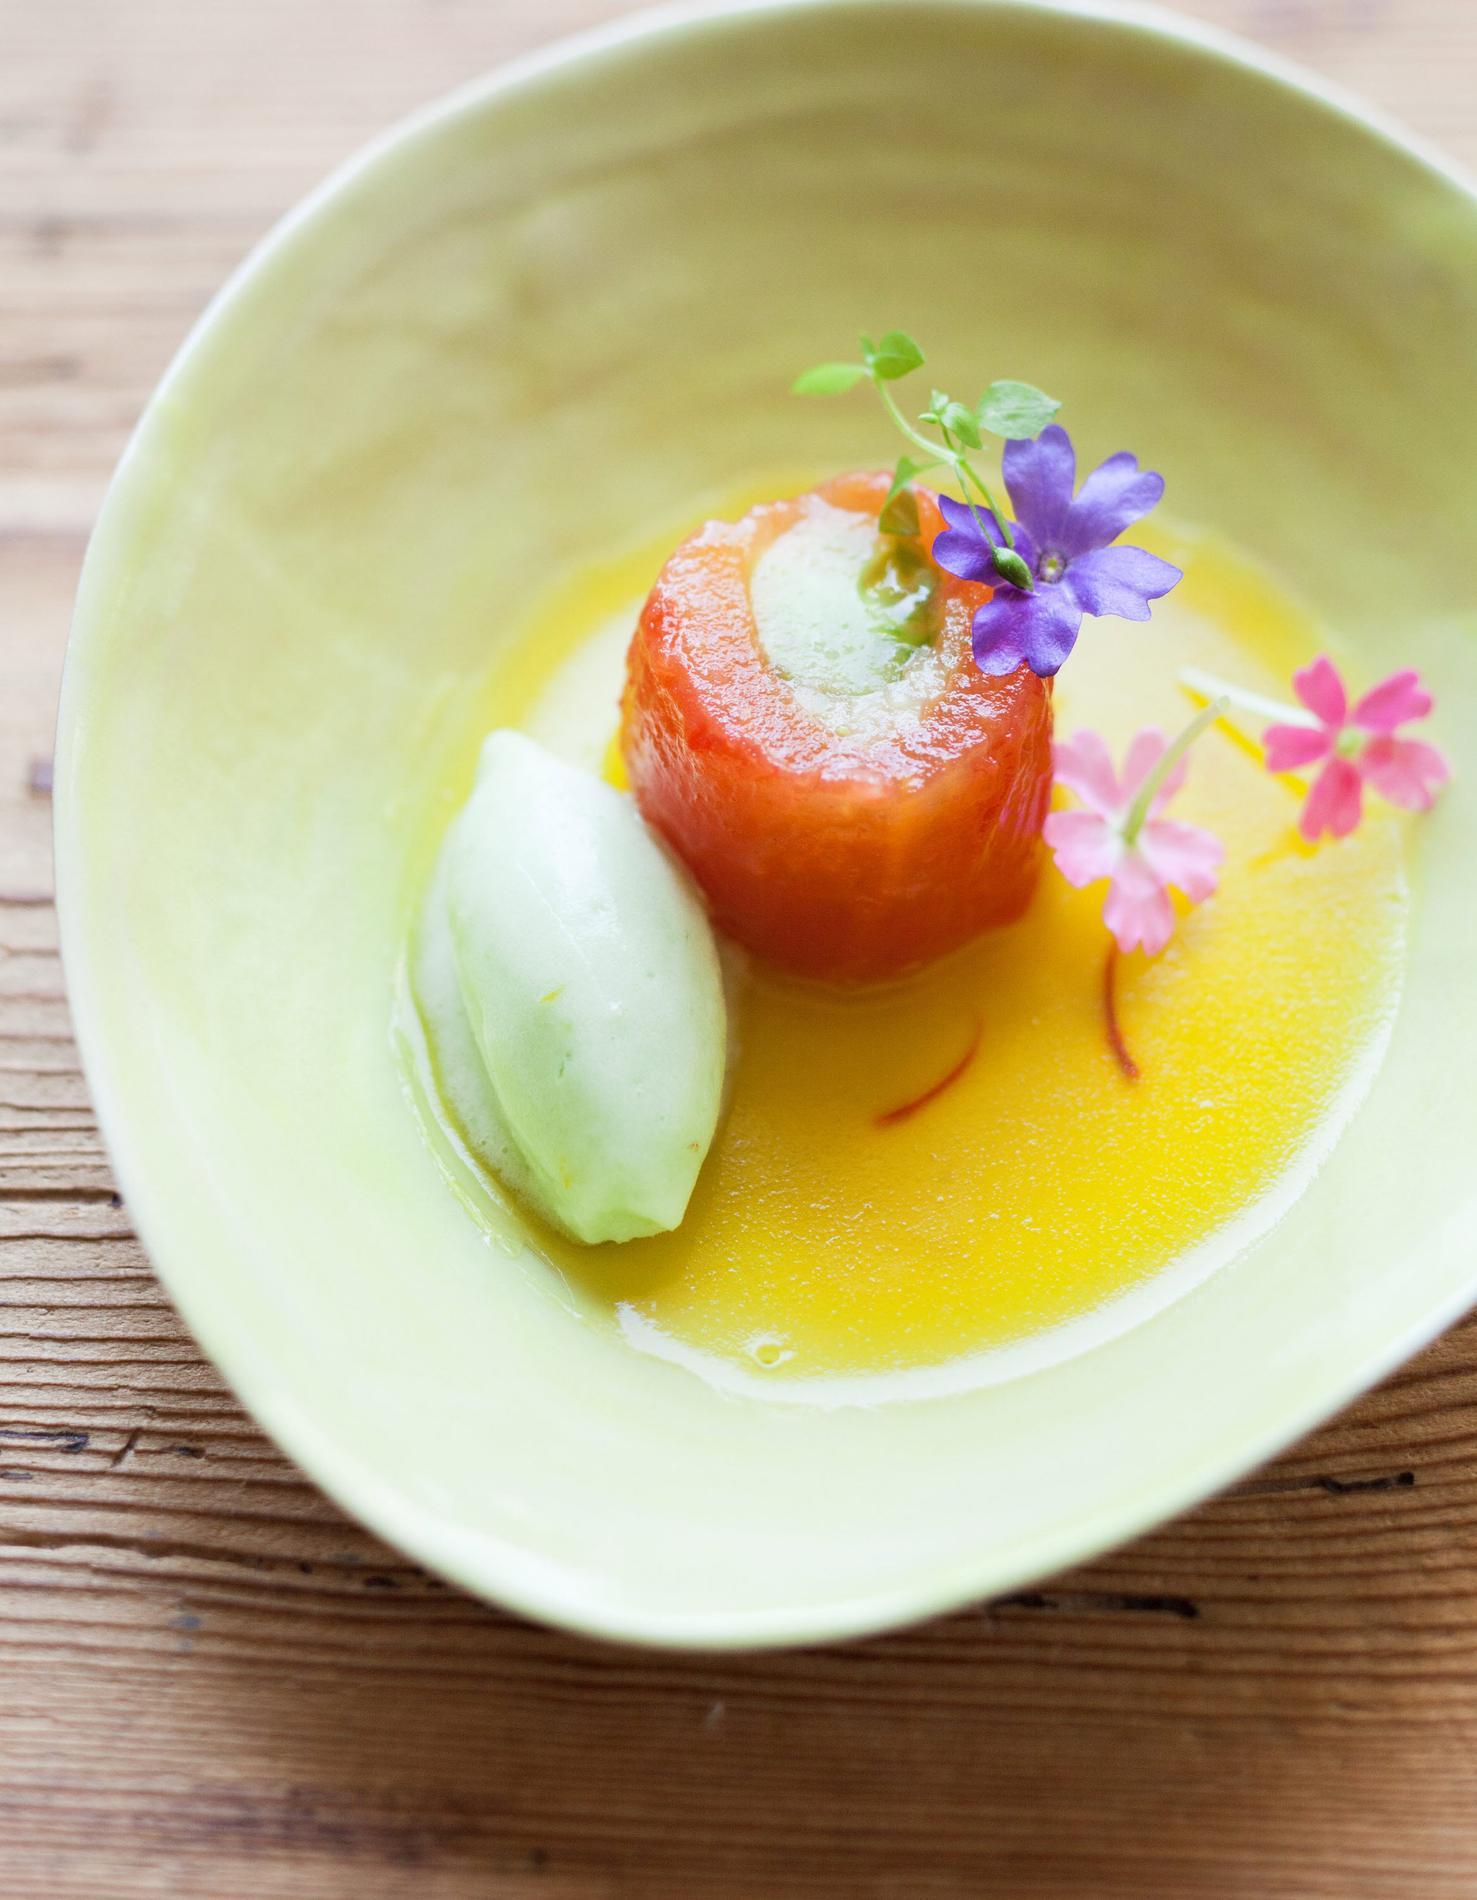 Recette amuse bouche de tomate et concombre du potager cuisine madame figaro - Recette amuse bouche rapide ...